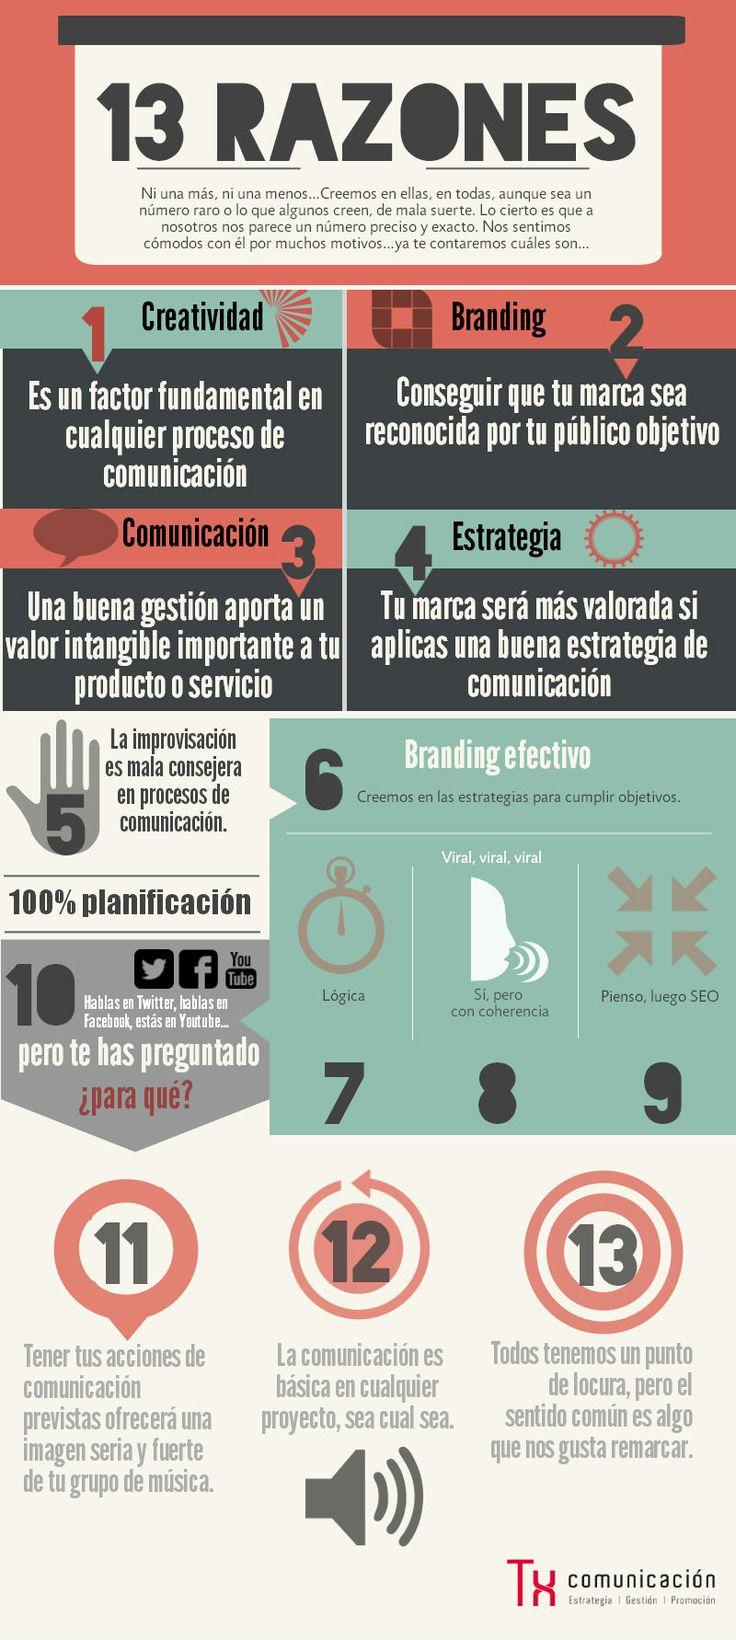 Las 13 razones que tenemos en la agencia para comunicar de forma efectiva nuestros proyectos